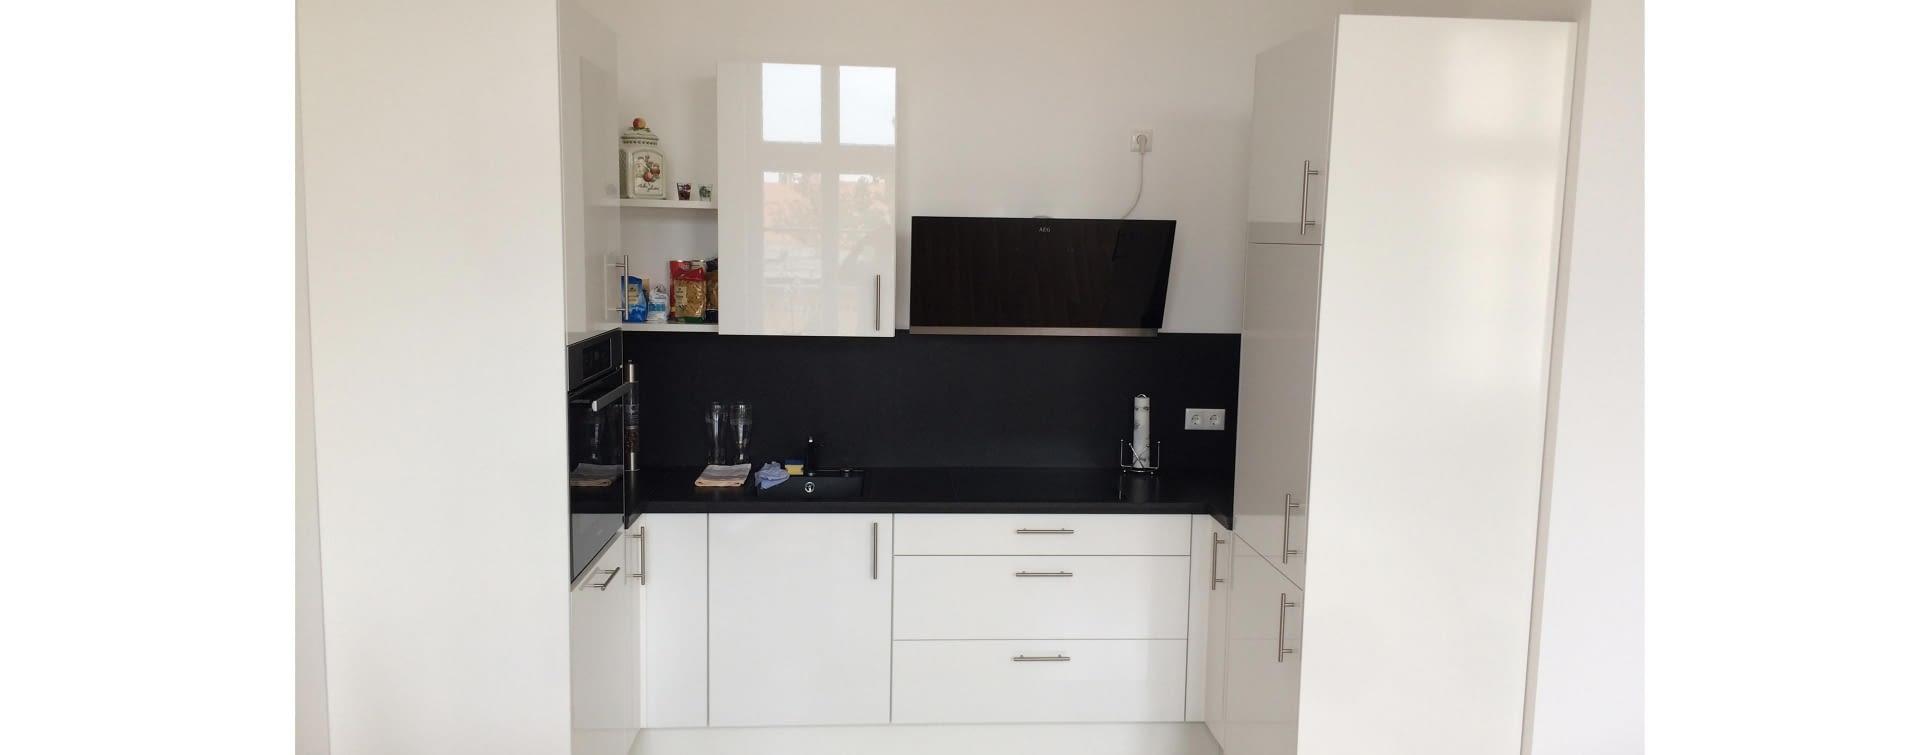 Nützliche Planungstipps für kleine Küchen inklusive 360 Grad Bild ...